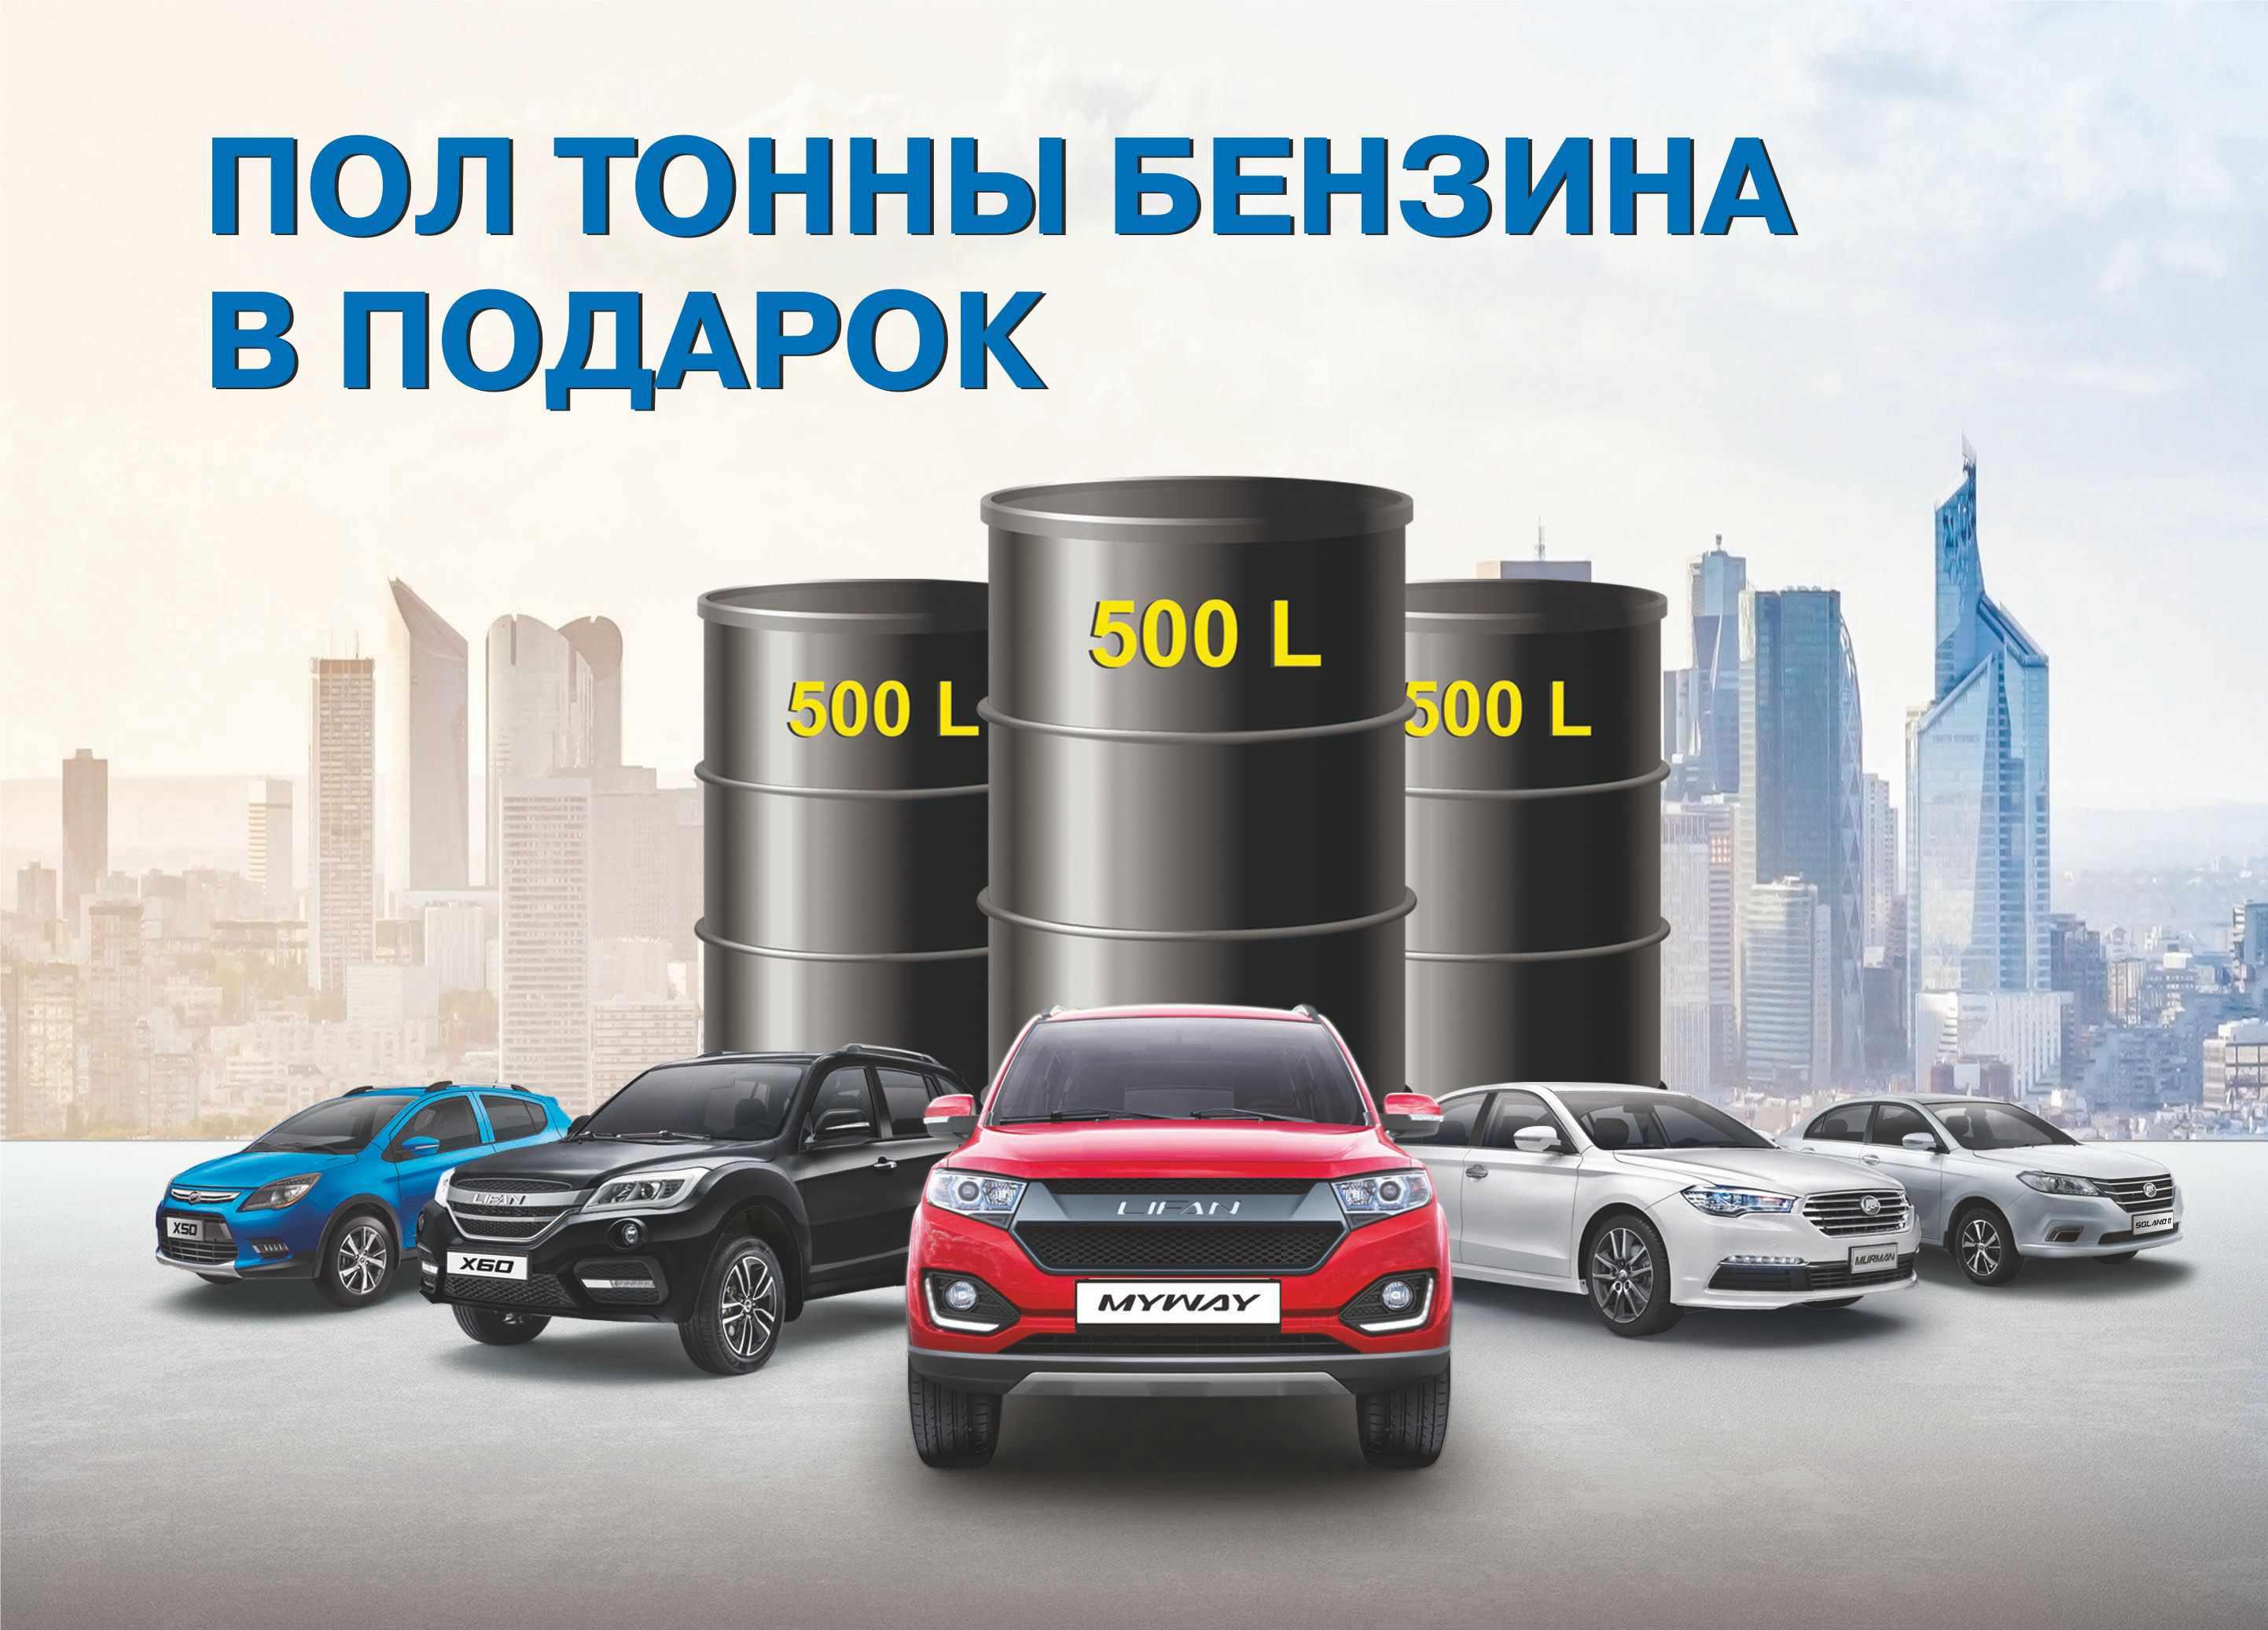 Пол тонны бензина в подарок